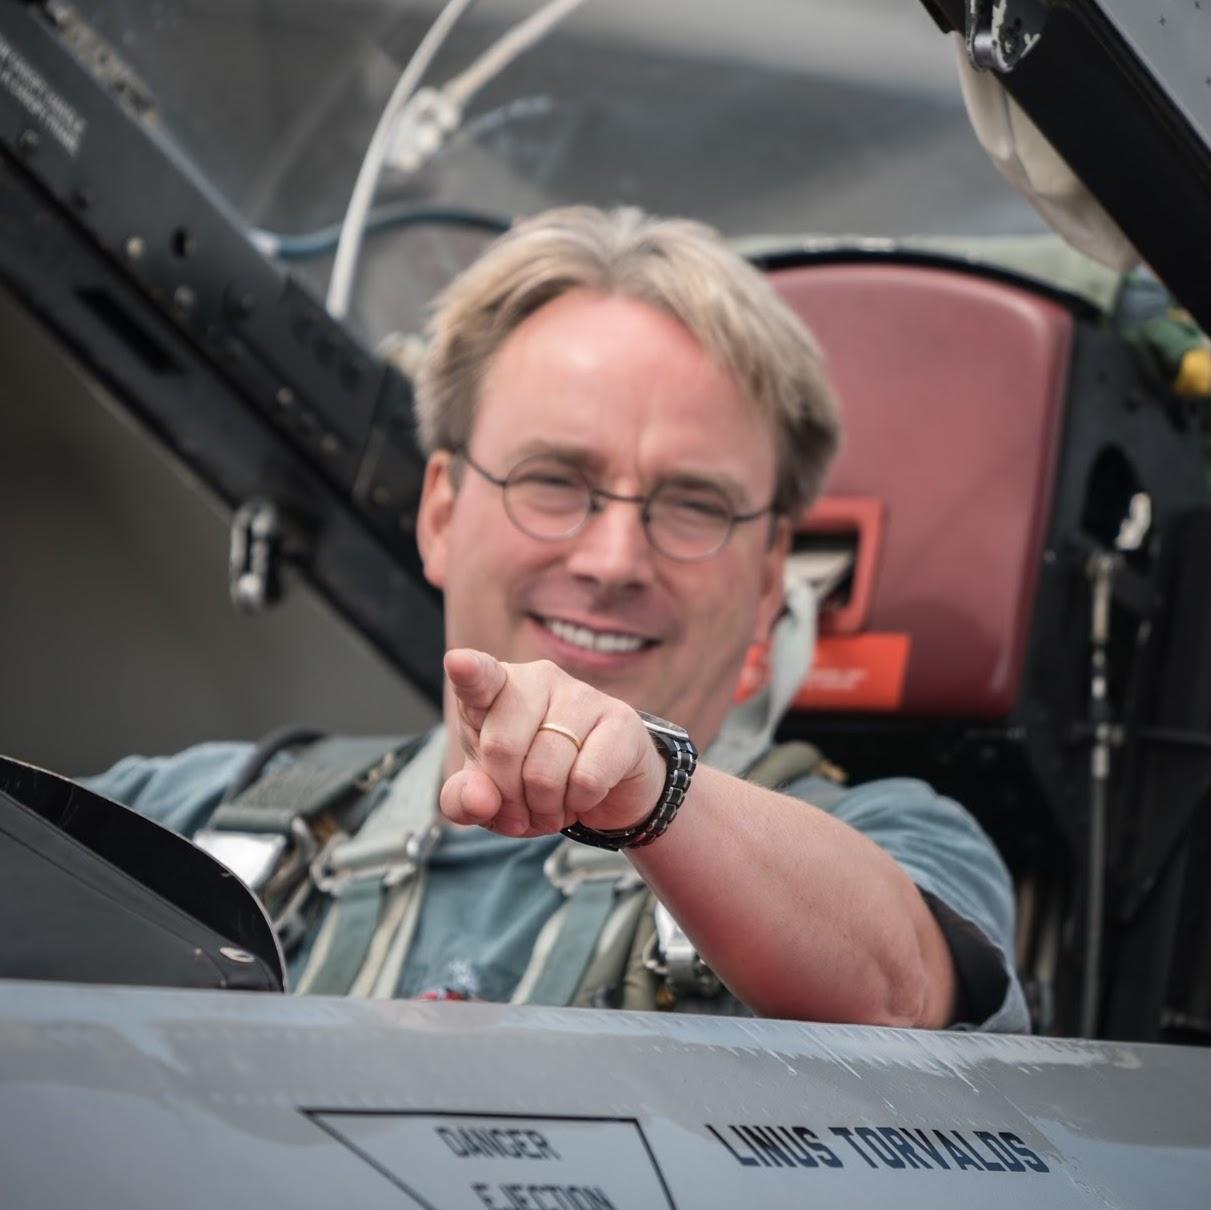 Linus Torvalds httpslh4googleusercontentcomYESIDYRHpkAAA